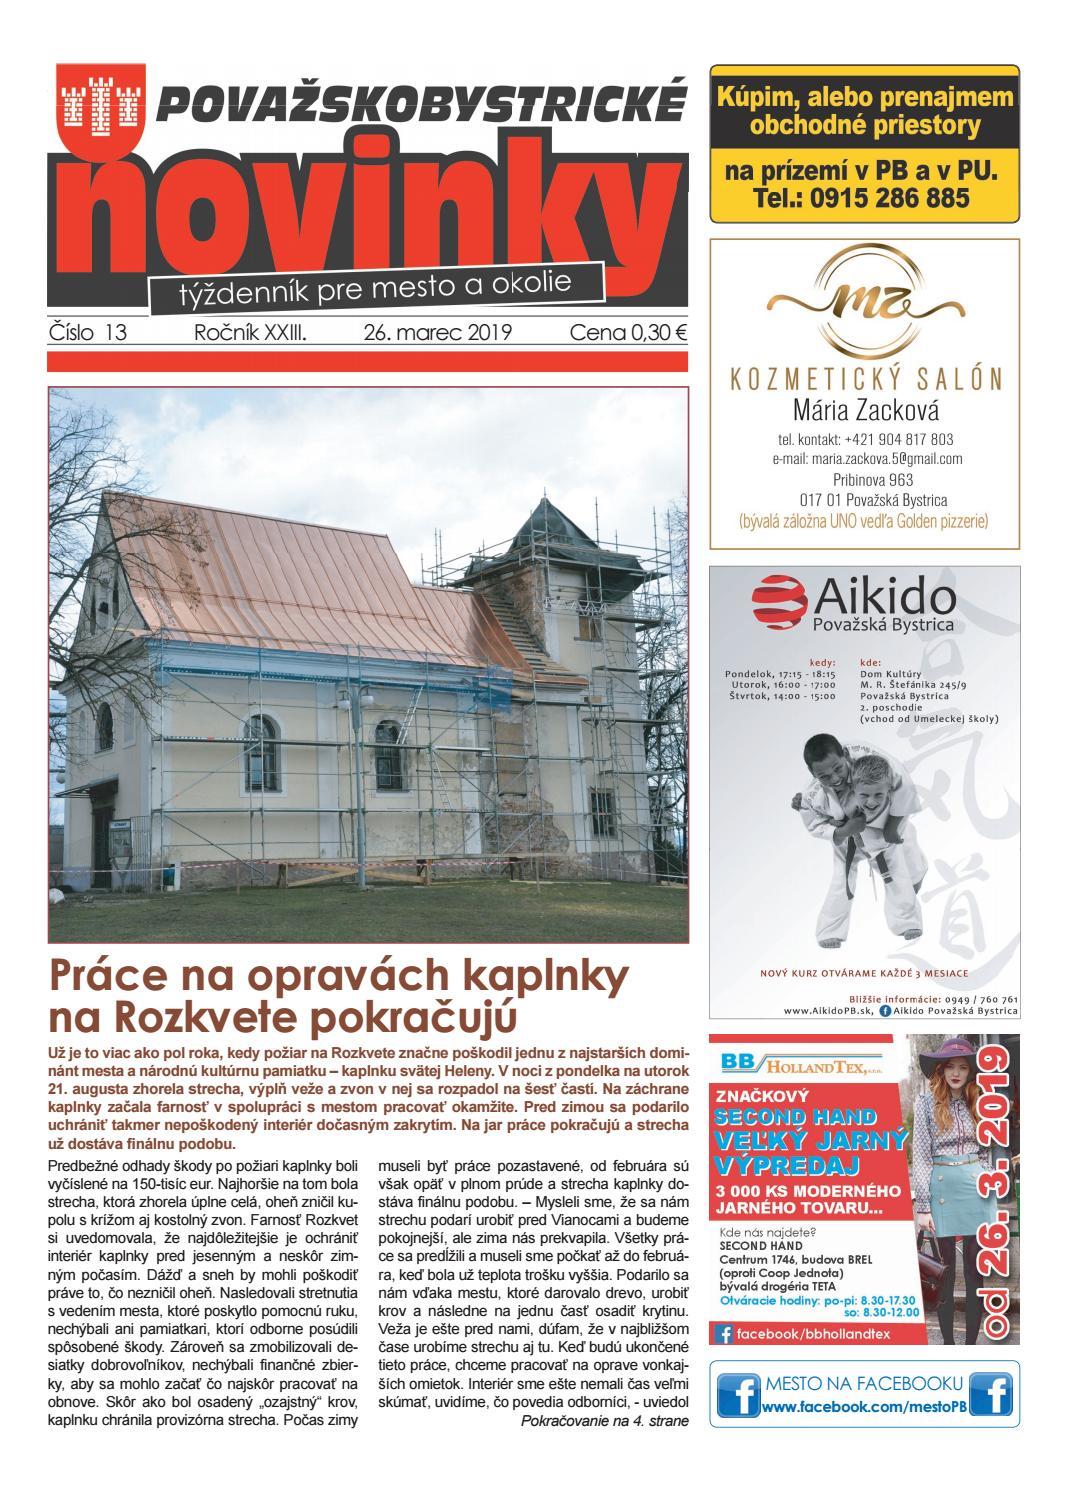 04ceba51e Považskobystrické novinky č. 13/2019 by Považskobystrické novinky - issuu